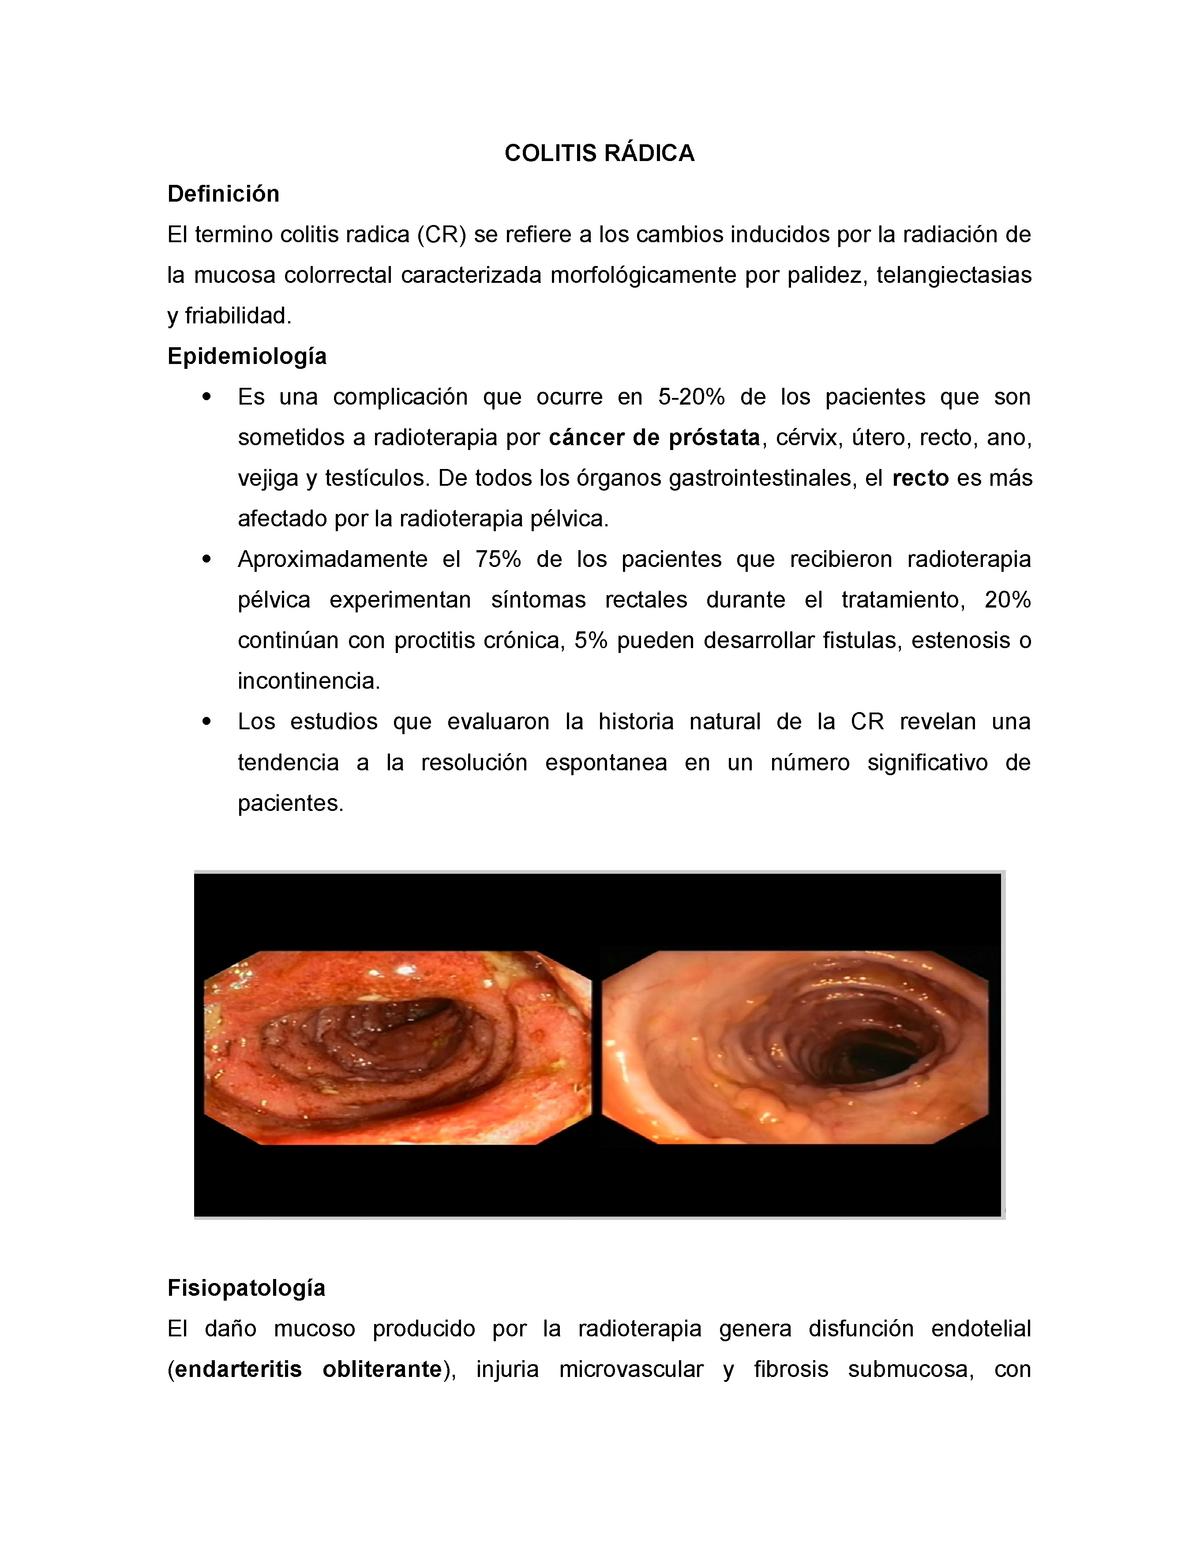 proctitis por radiación después del cáncer de próstata